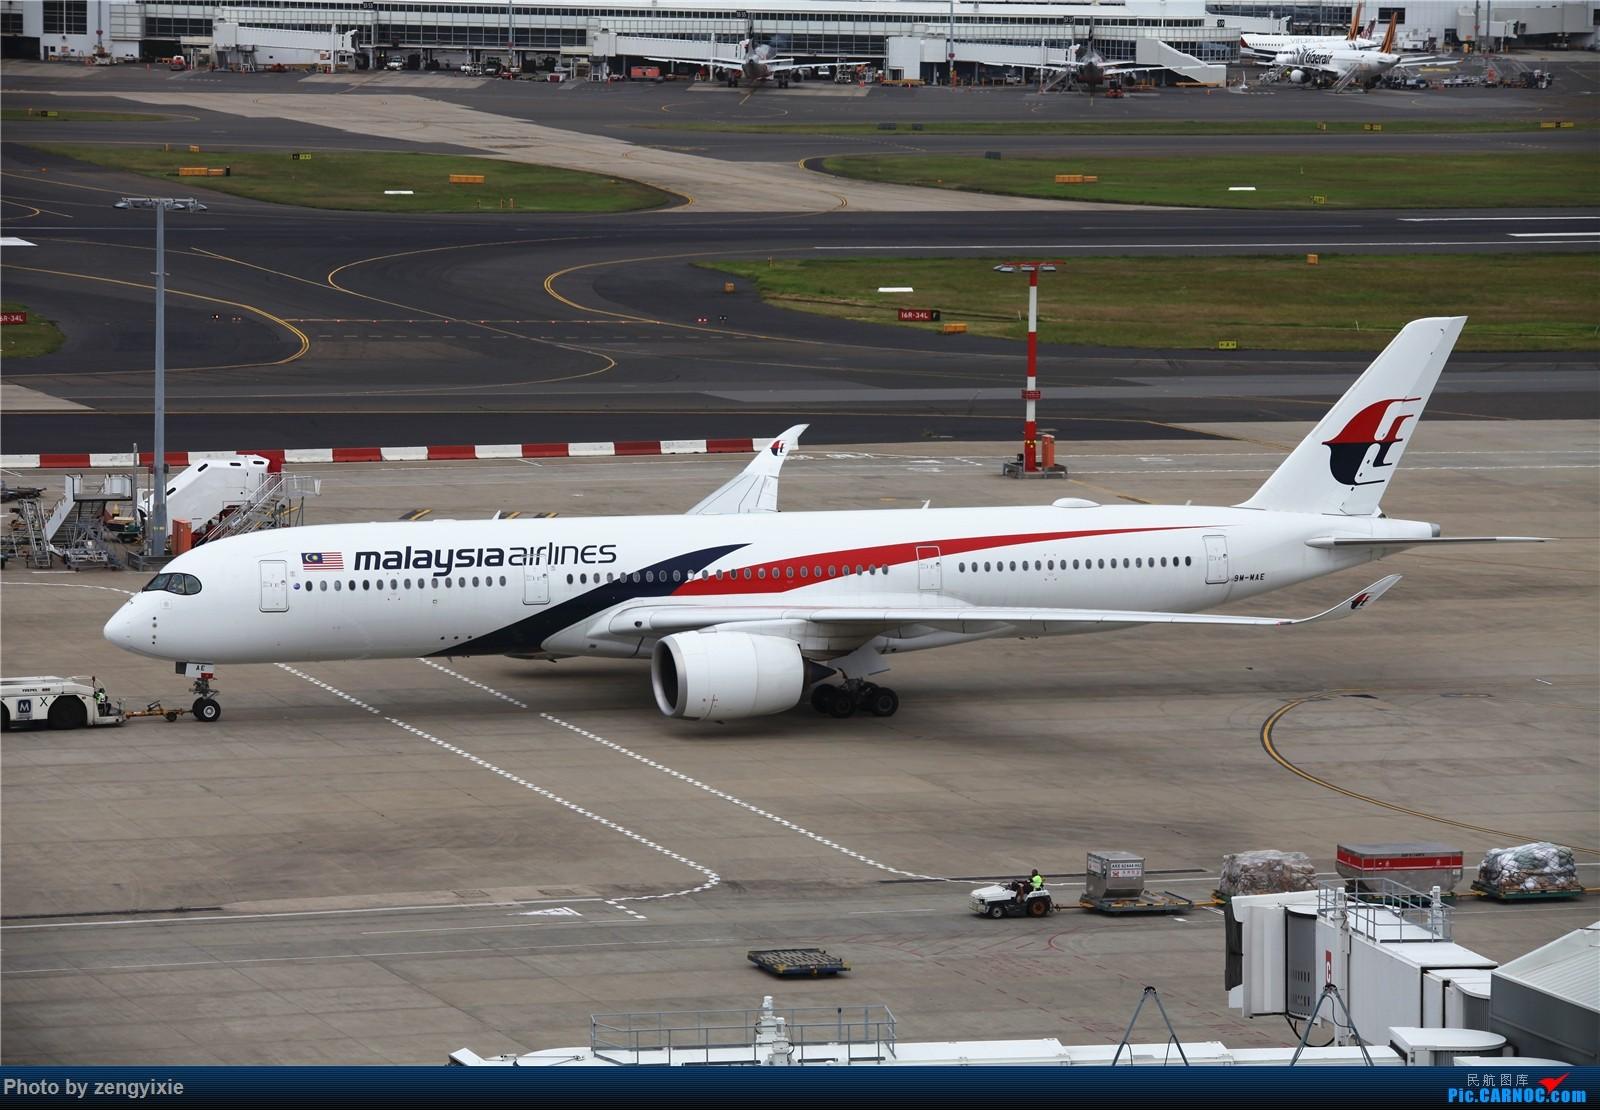 Re:[原创]清晨的悉尼国际降落狂潮 AIRBUS A350-900 9M-MAE 澳大利亚悉尼金斯福德·史密斯机场